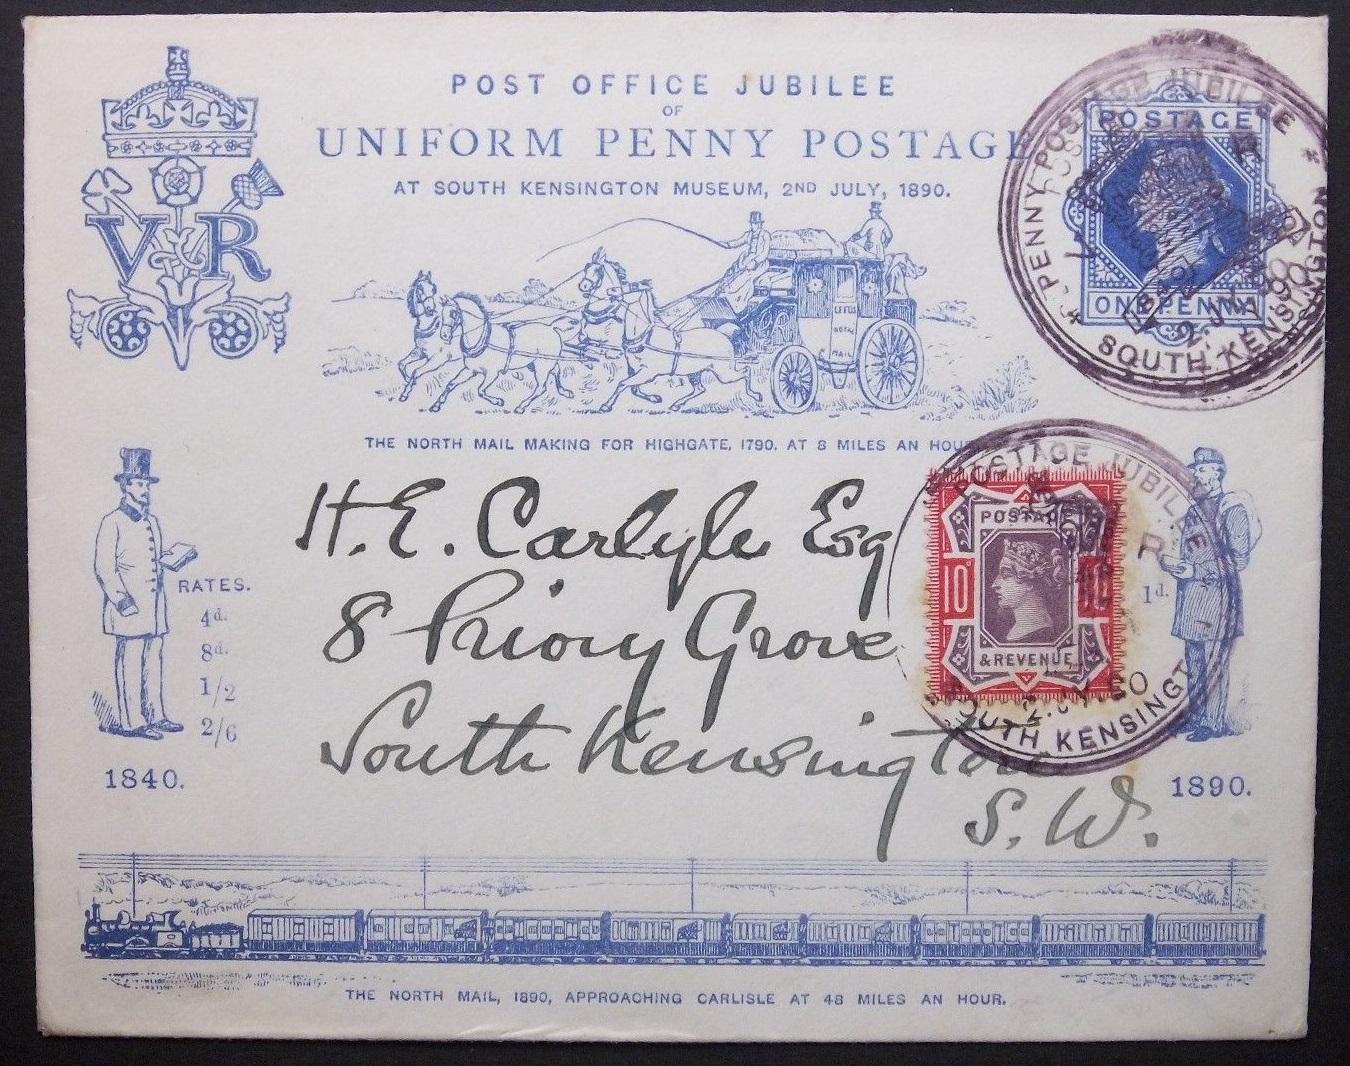 1890 Uniform Penny Postage Jubilee The 1887 Jubilee Issue